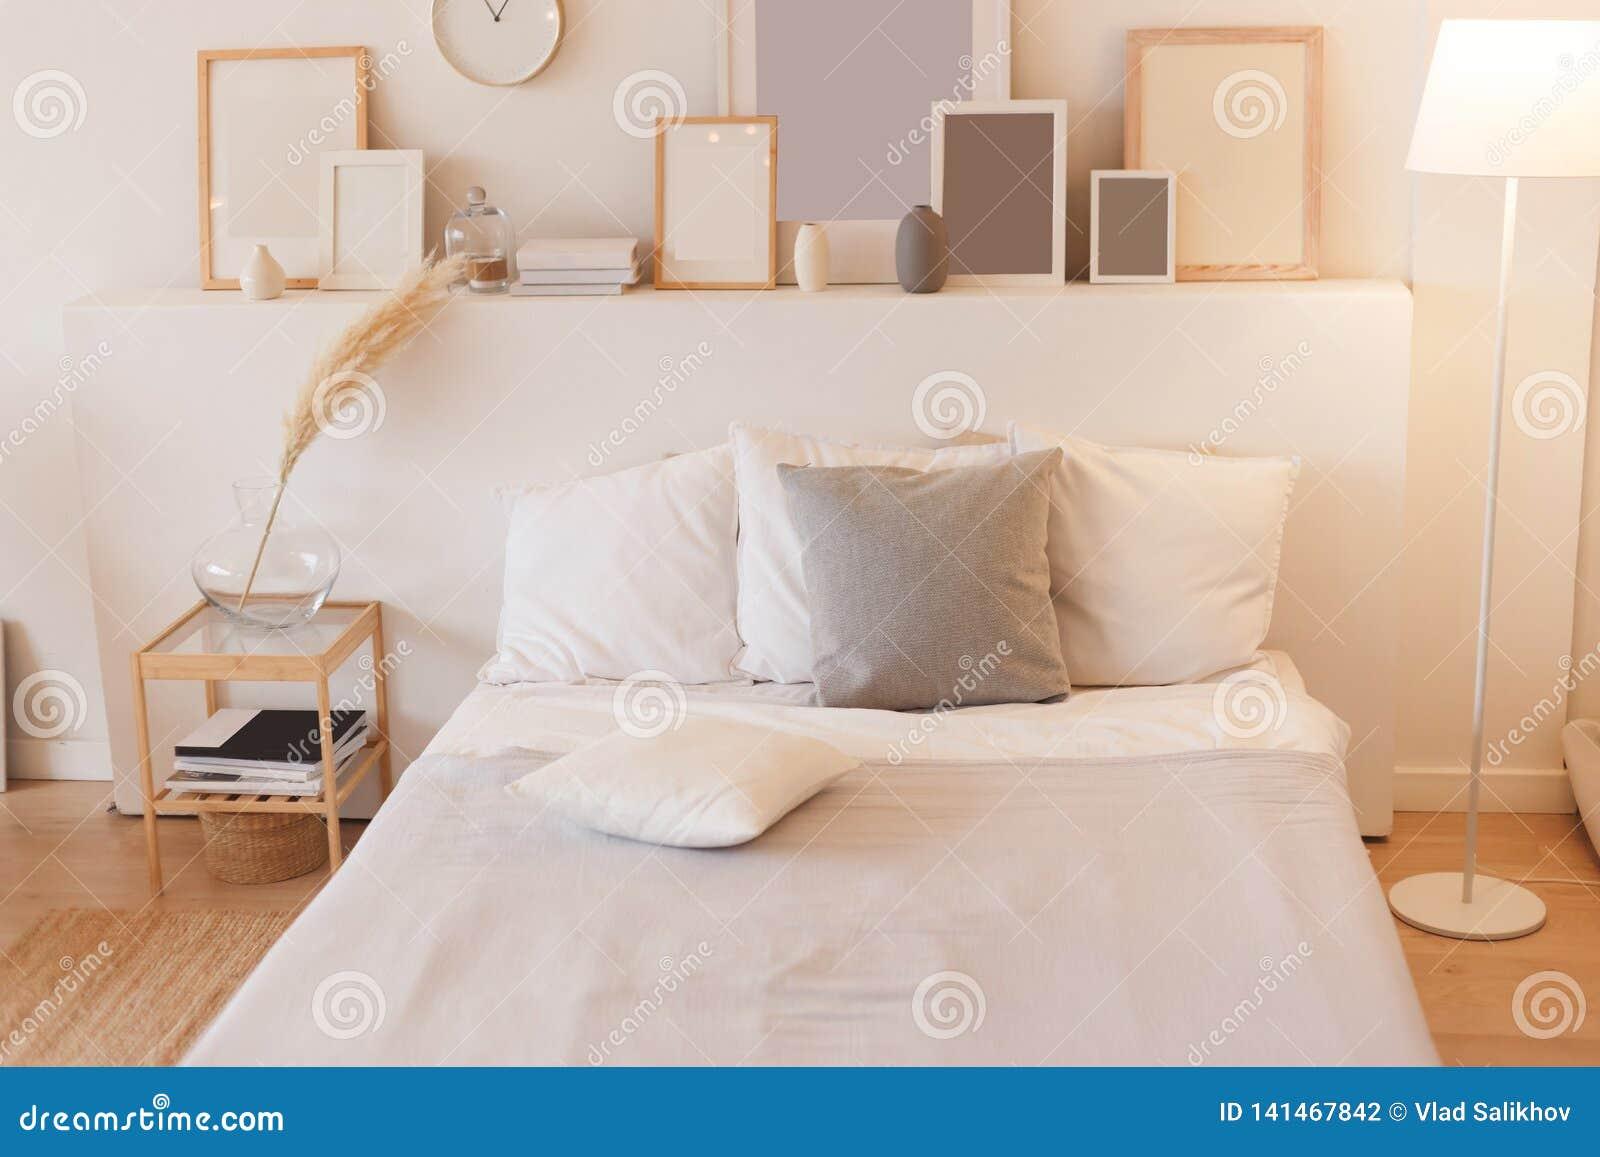 Schlafzimmer mit eingeschaltet Stehlampe- und Fotorahmen